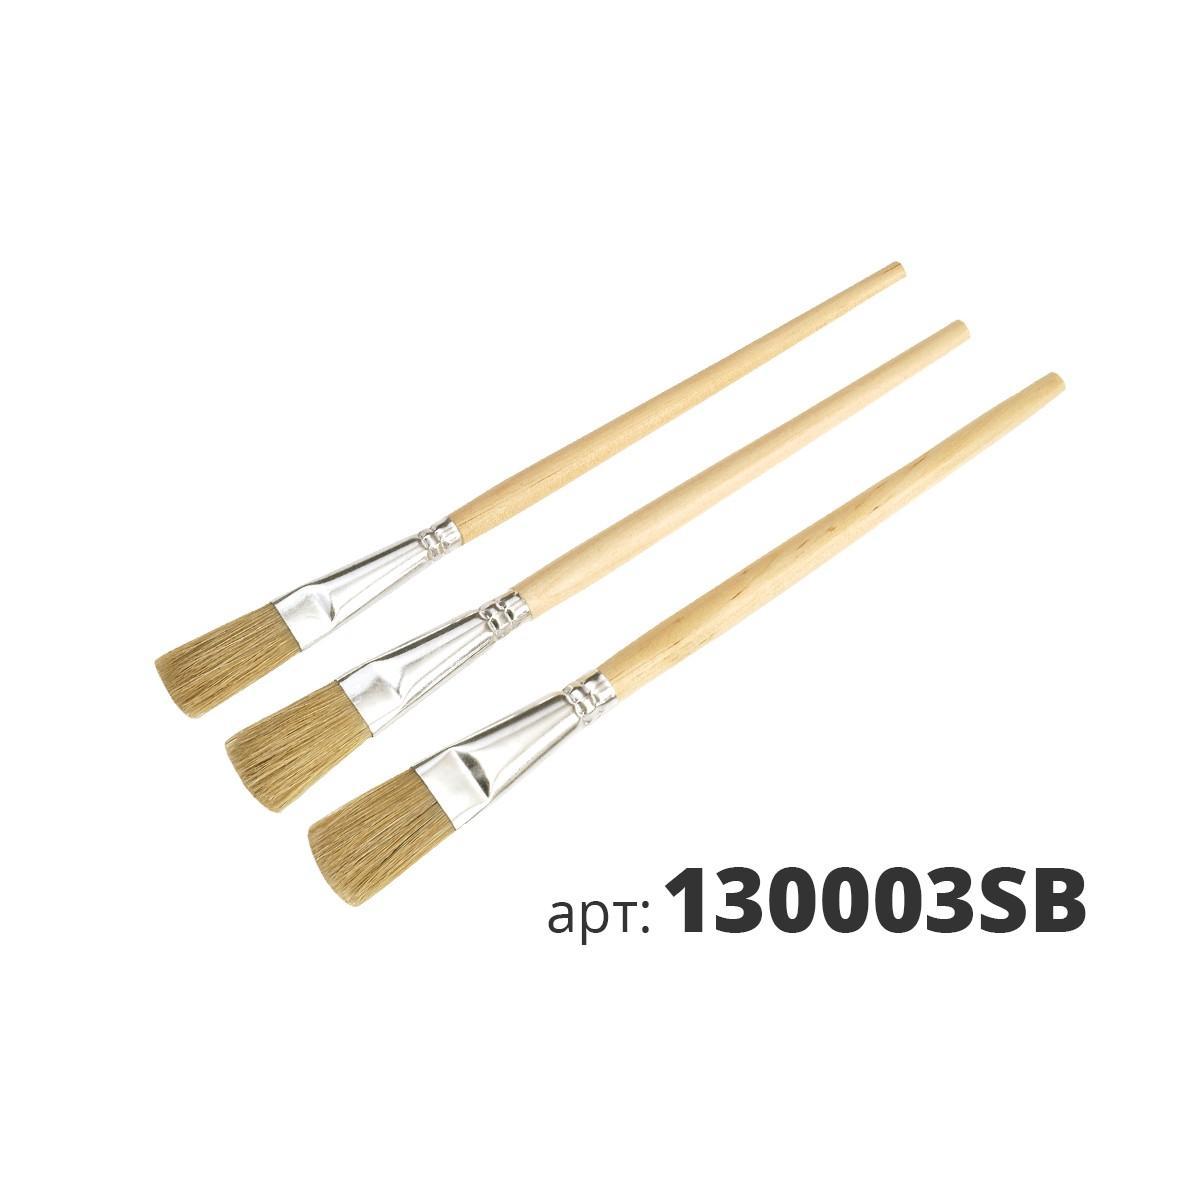 МАКО кисти для эмали, 3 штуки в наборе, светлая натуральная щетина 130003SB